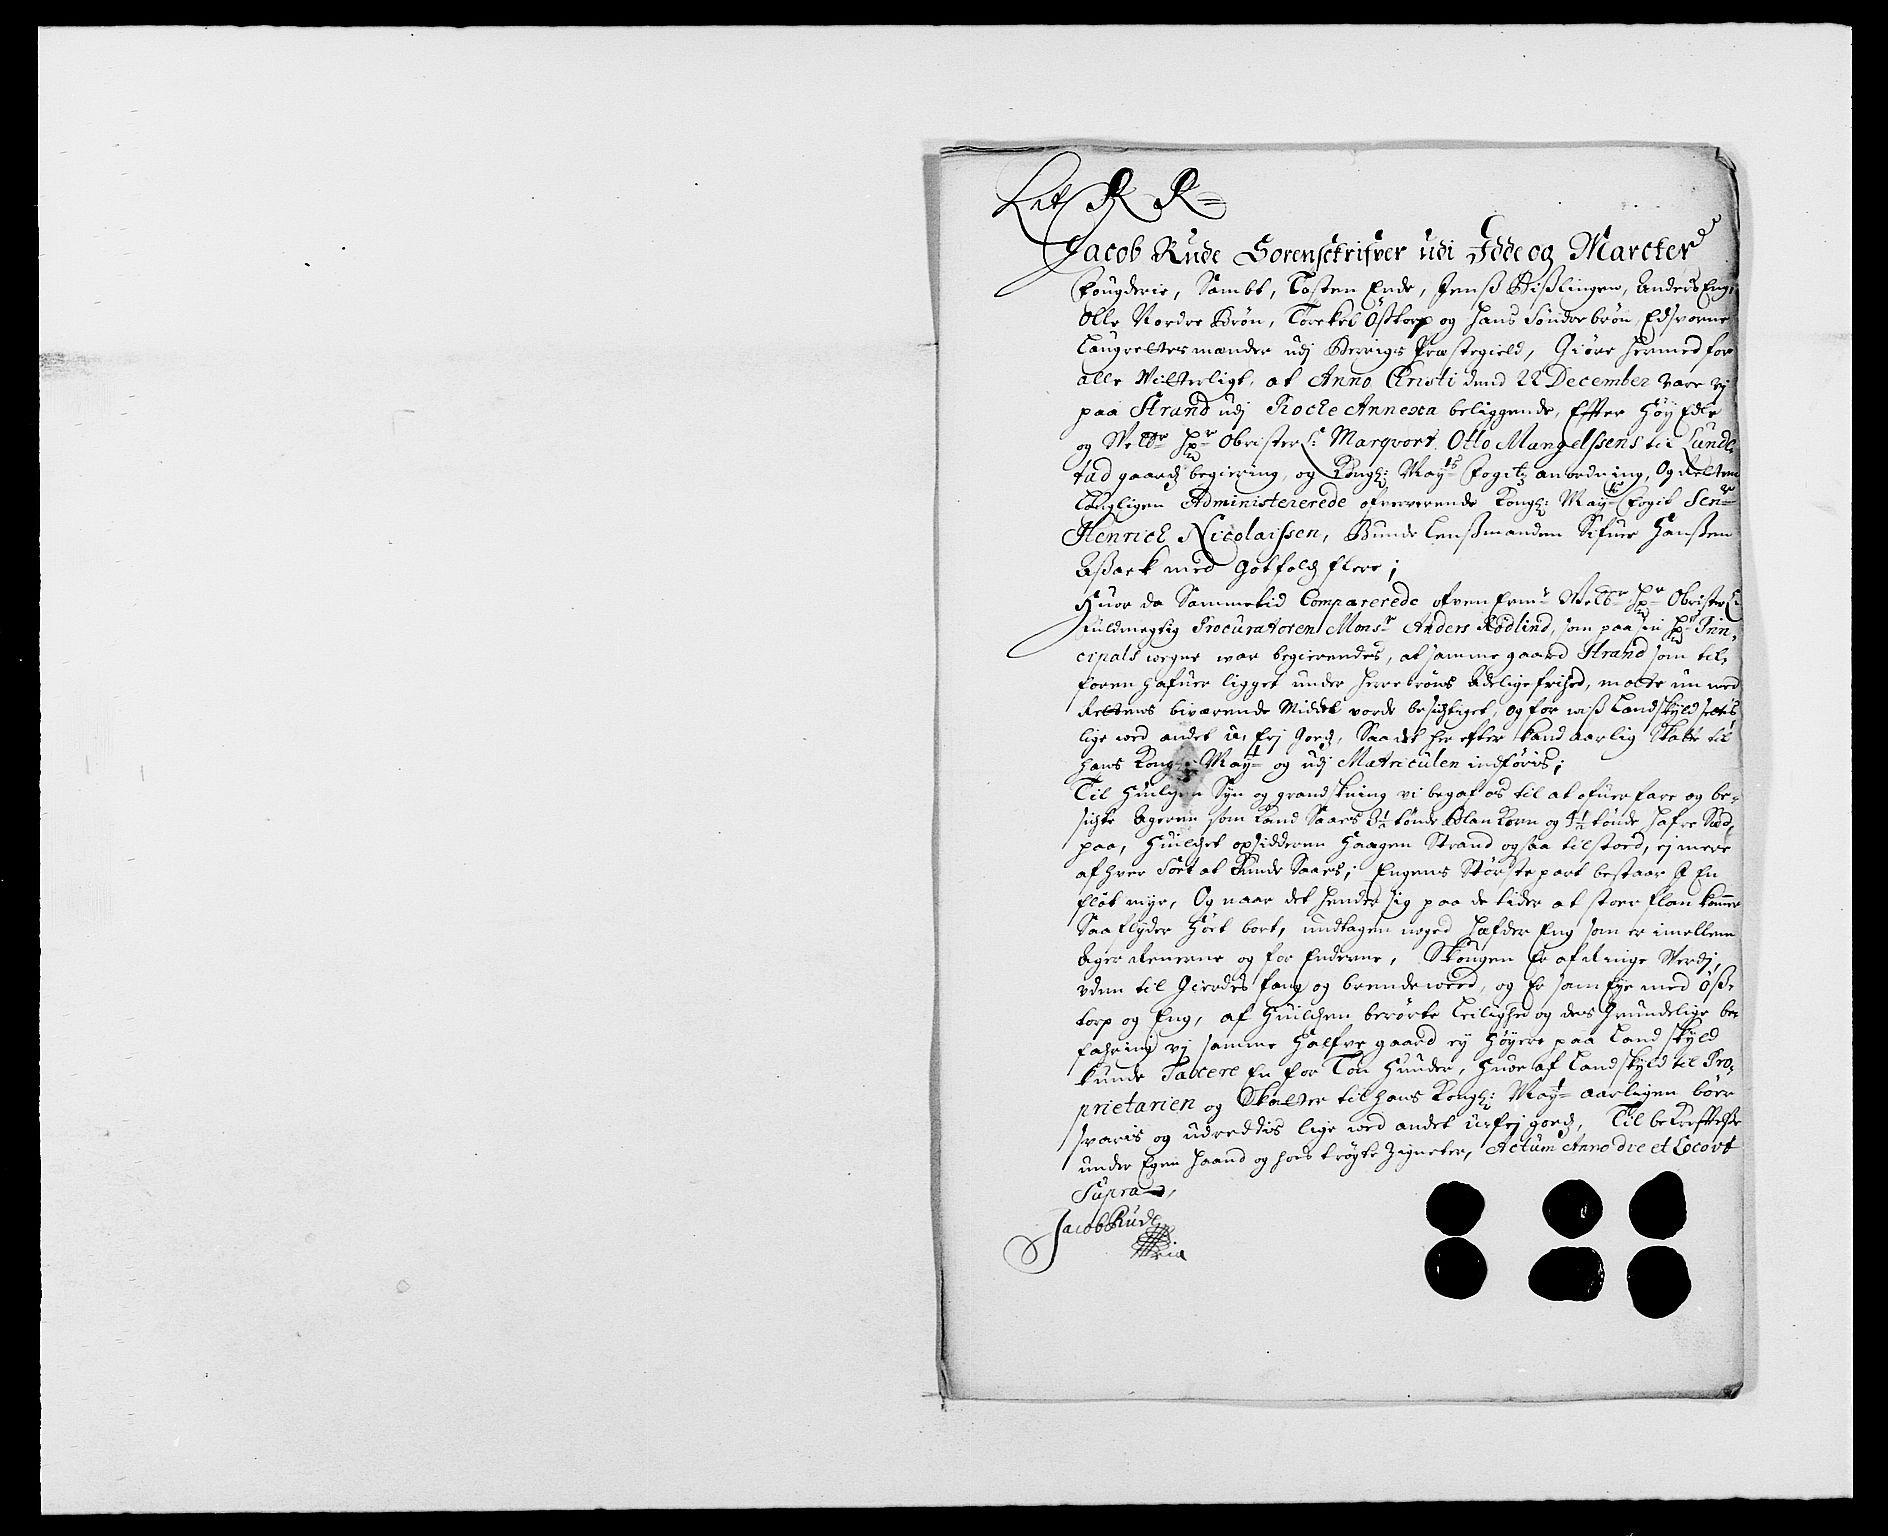 RA, Rentekammeret inntil 1814, Reviderte regnskaper, Fogderegnskap, R01/L0010: Fogderegnskap Idd og Marker, 1690-1691, p. 425